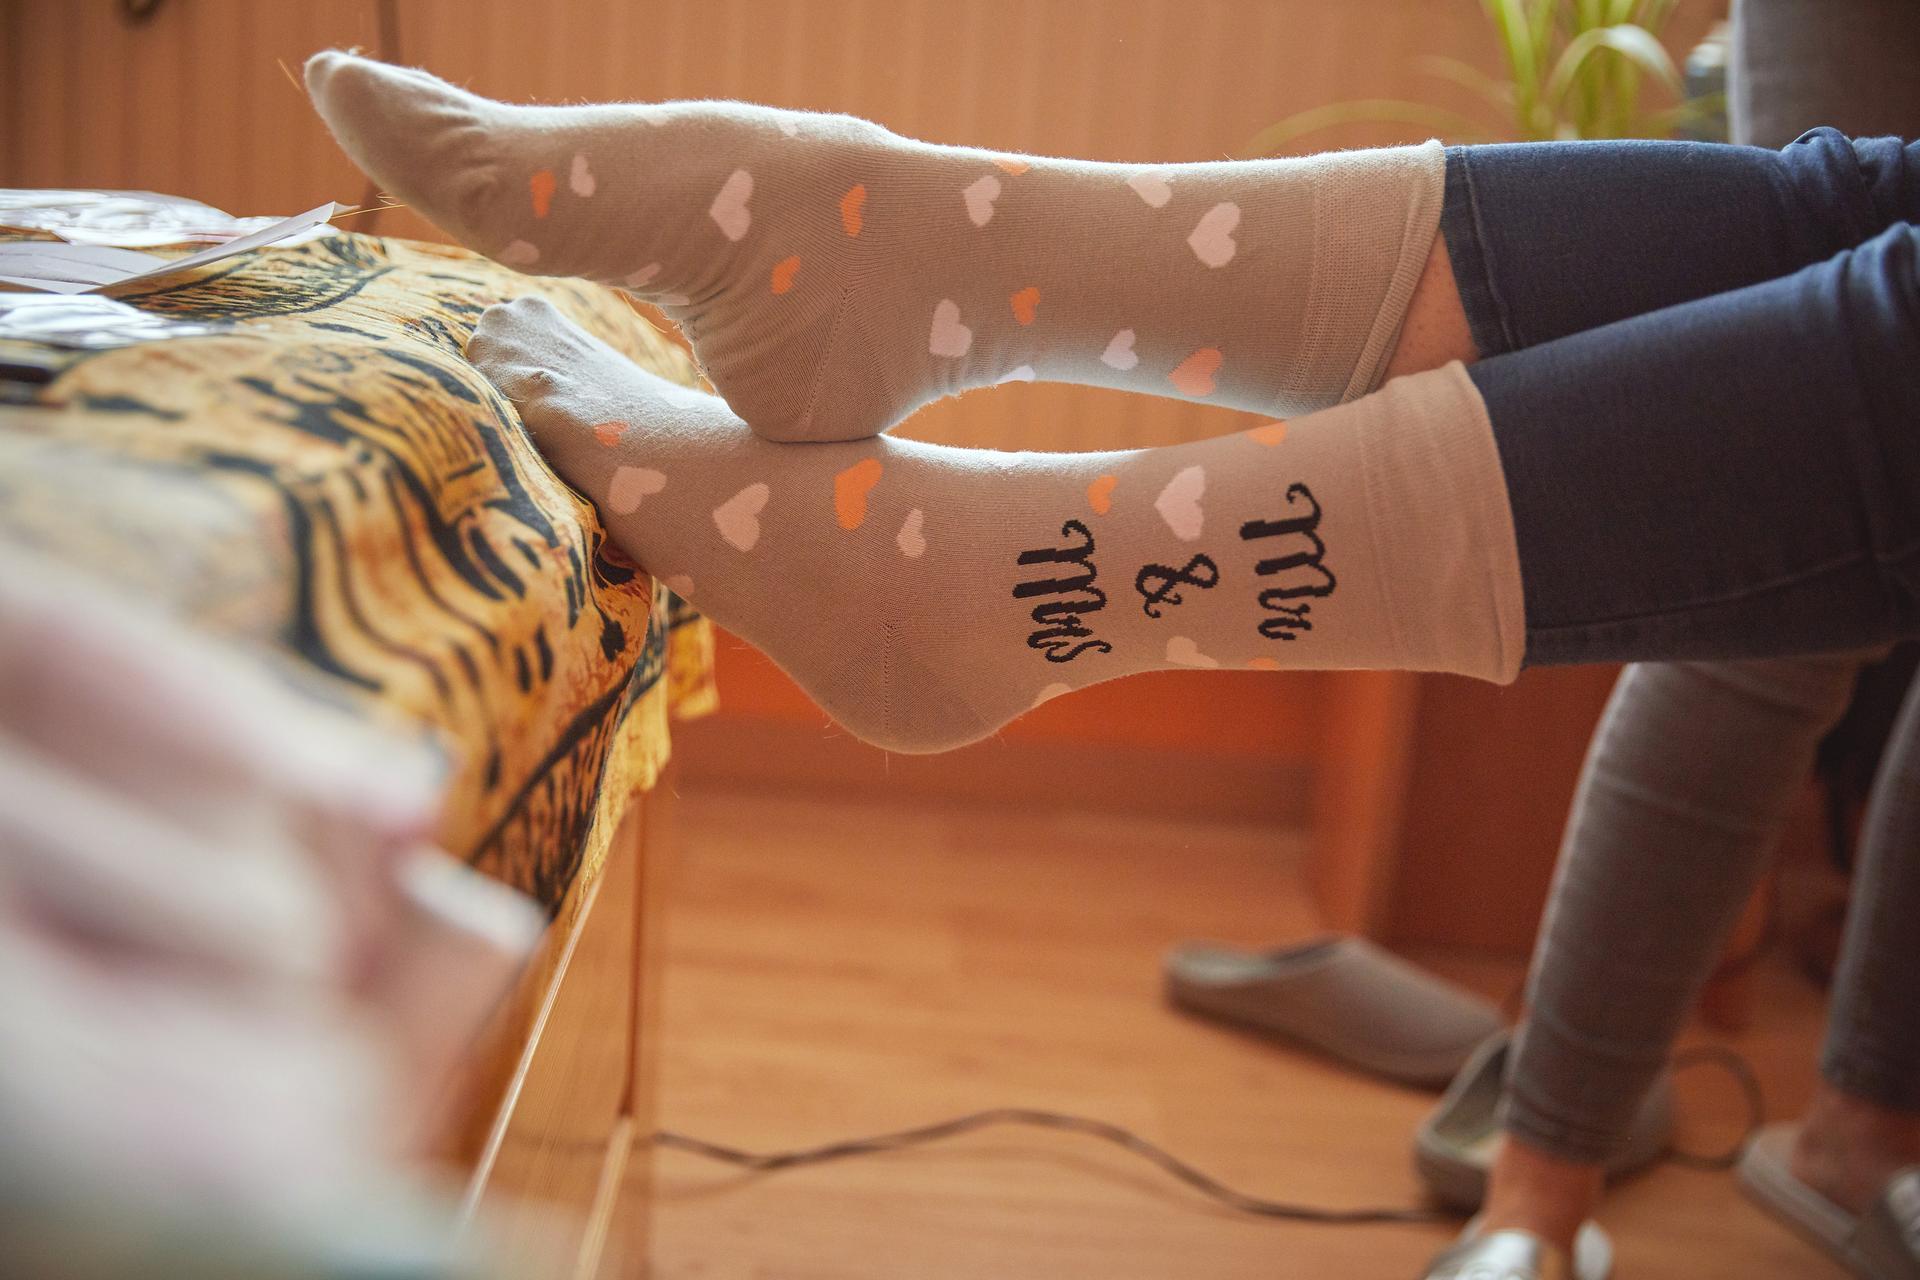 Svatba 6.6.2020 - Svatební ponožky: Dedoles  Nervozitu nezahnaly, ale alespoň mi nebyla zima.